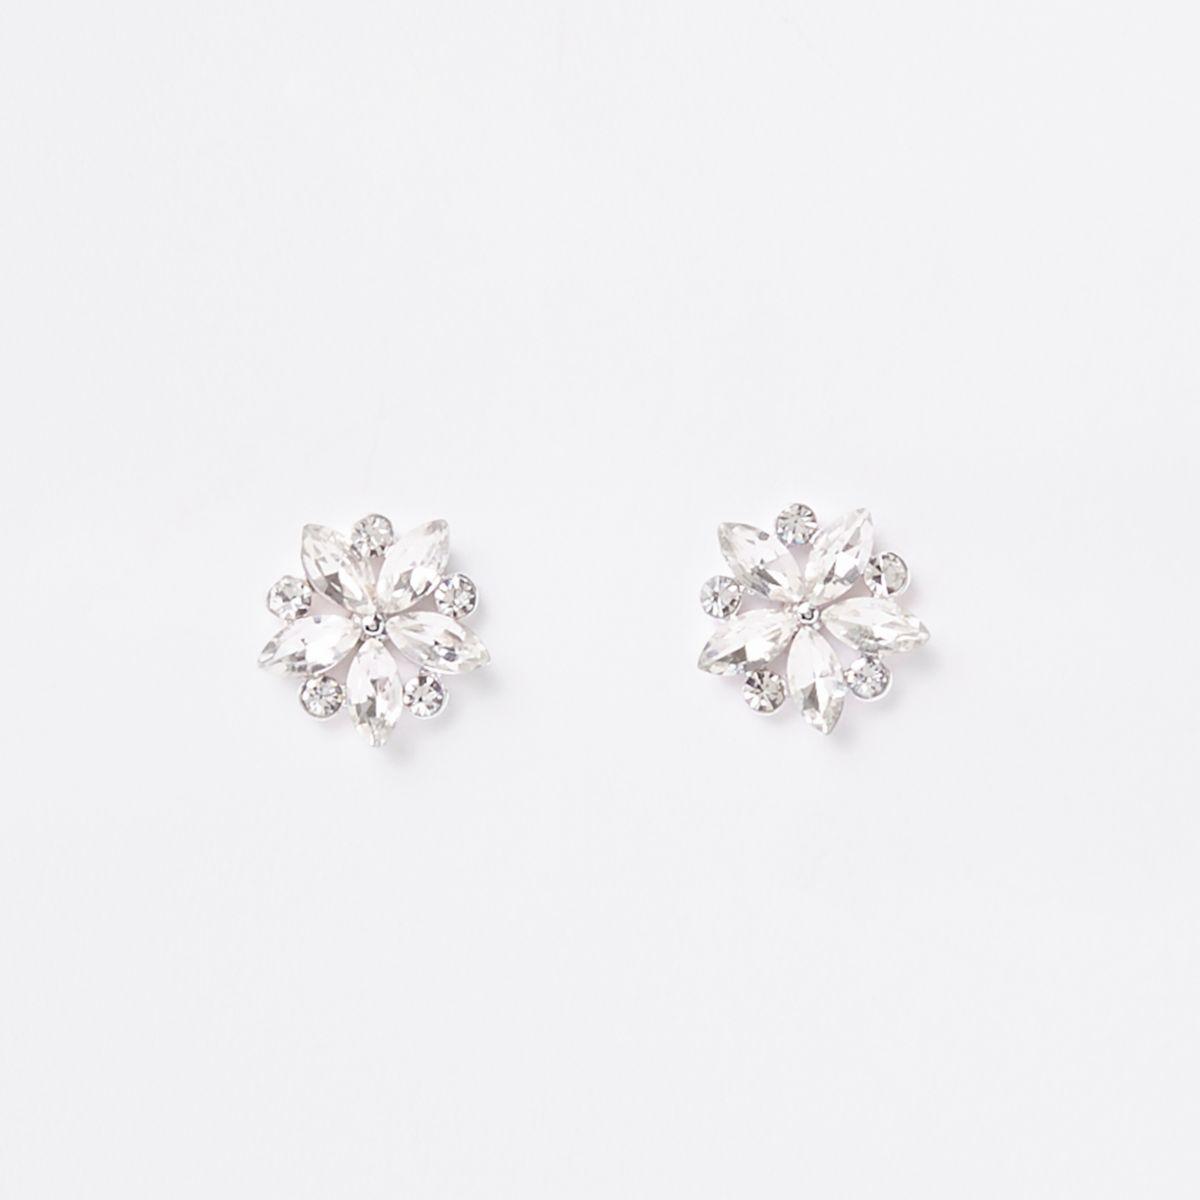 Silver tone flower cluster stud earrings